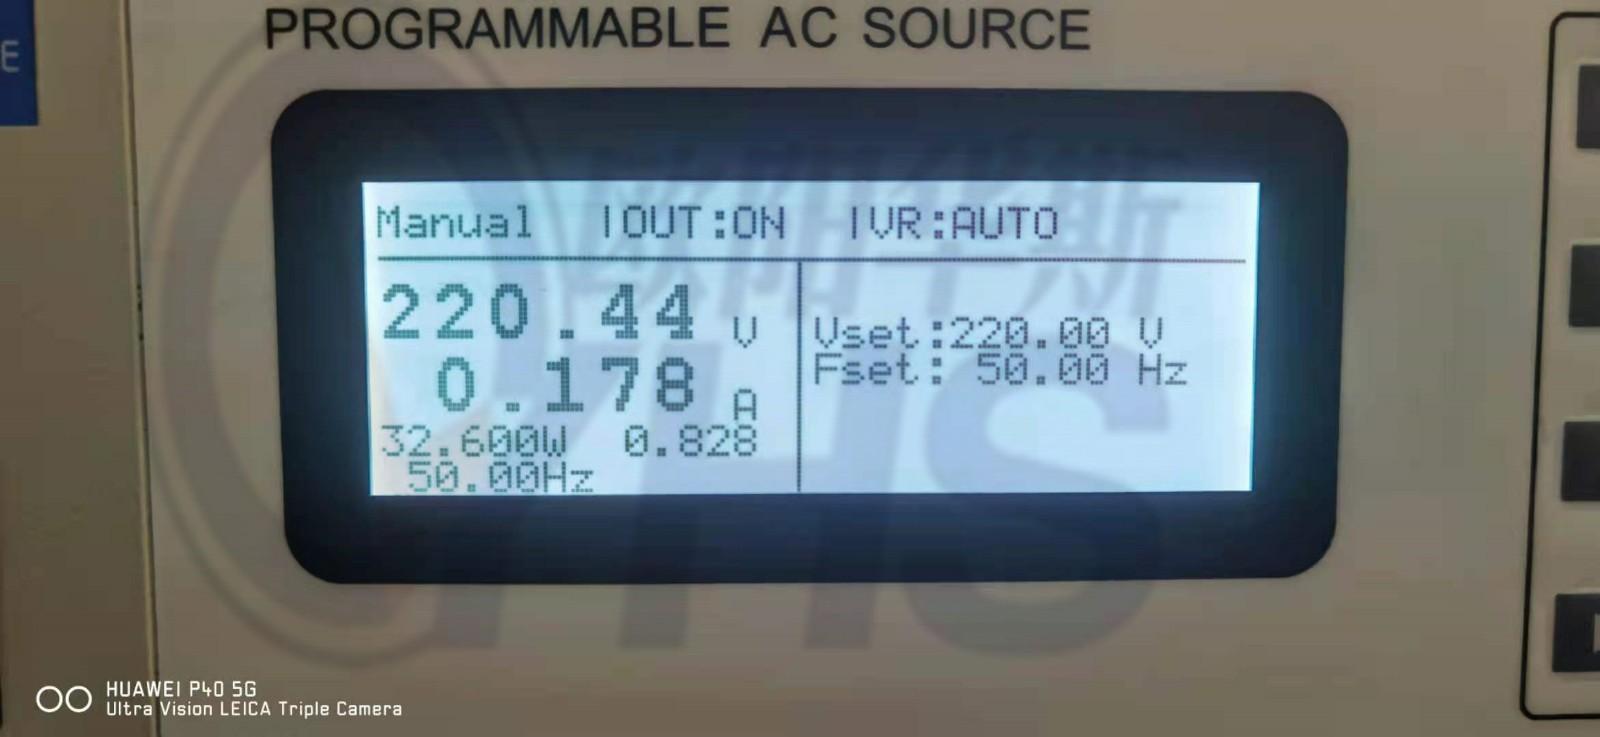 高精度可编程变频电源|0-300V可调|50HZ/60HZ可使用|RS485串口链接|